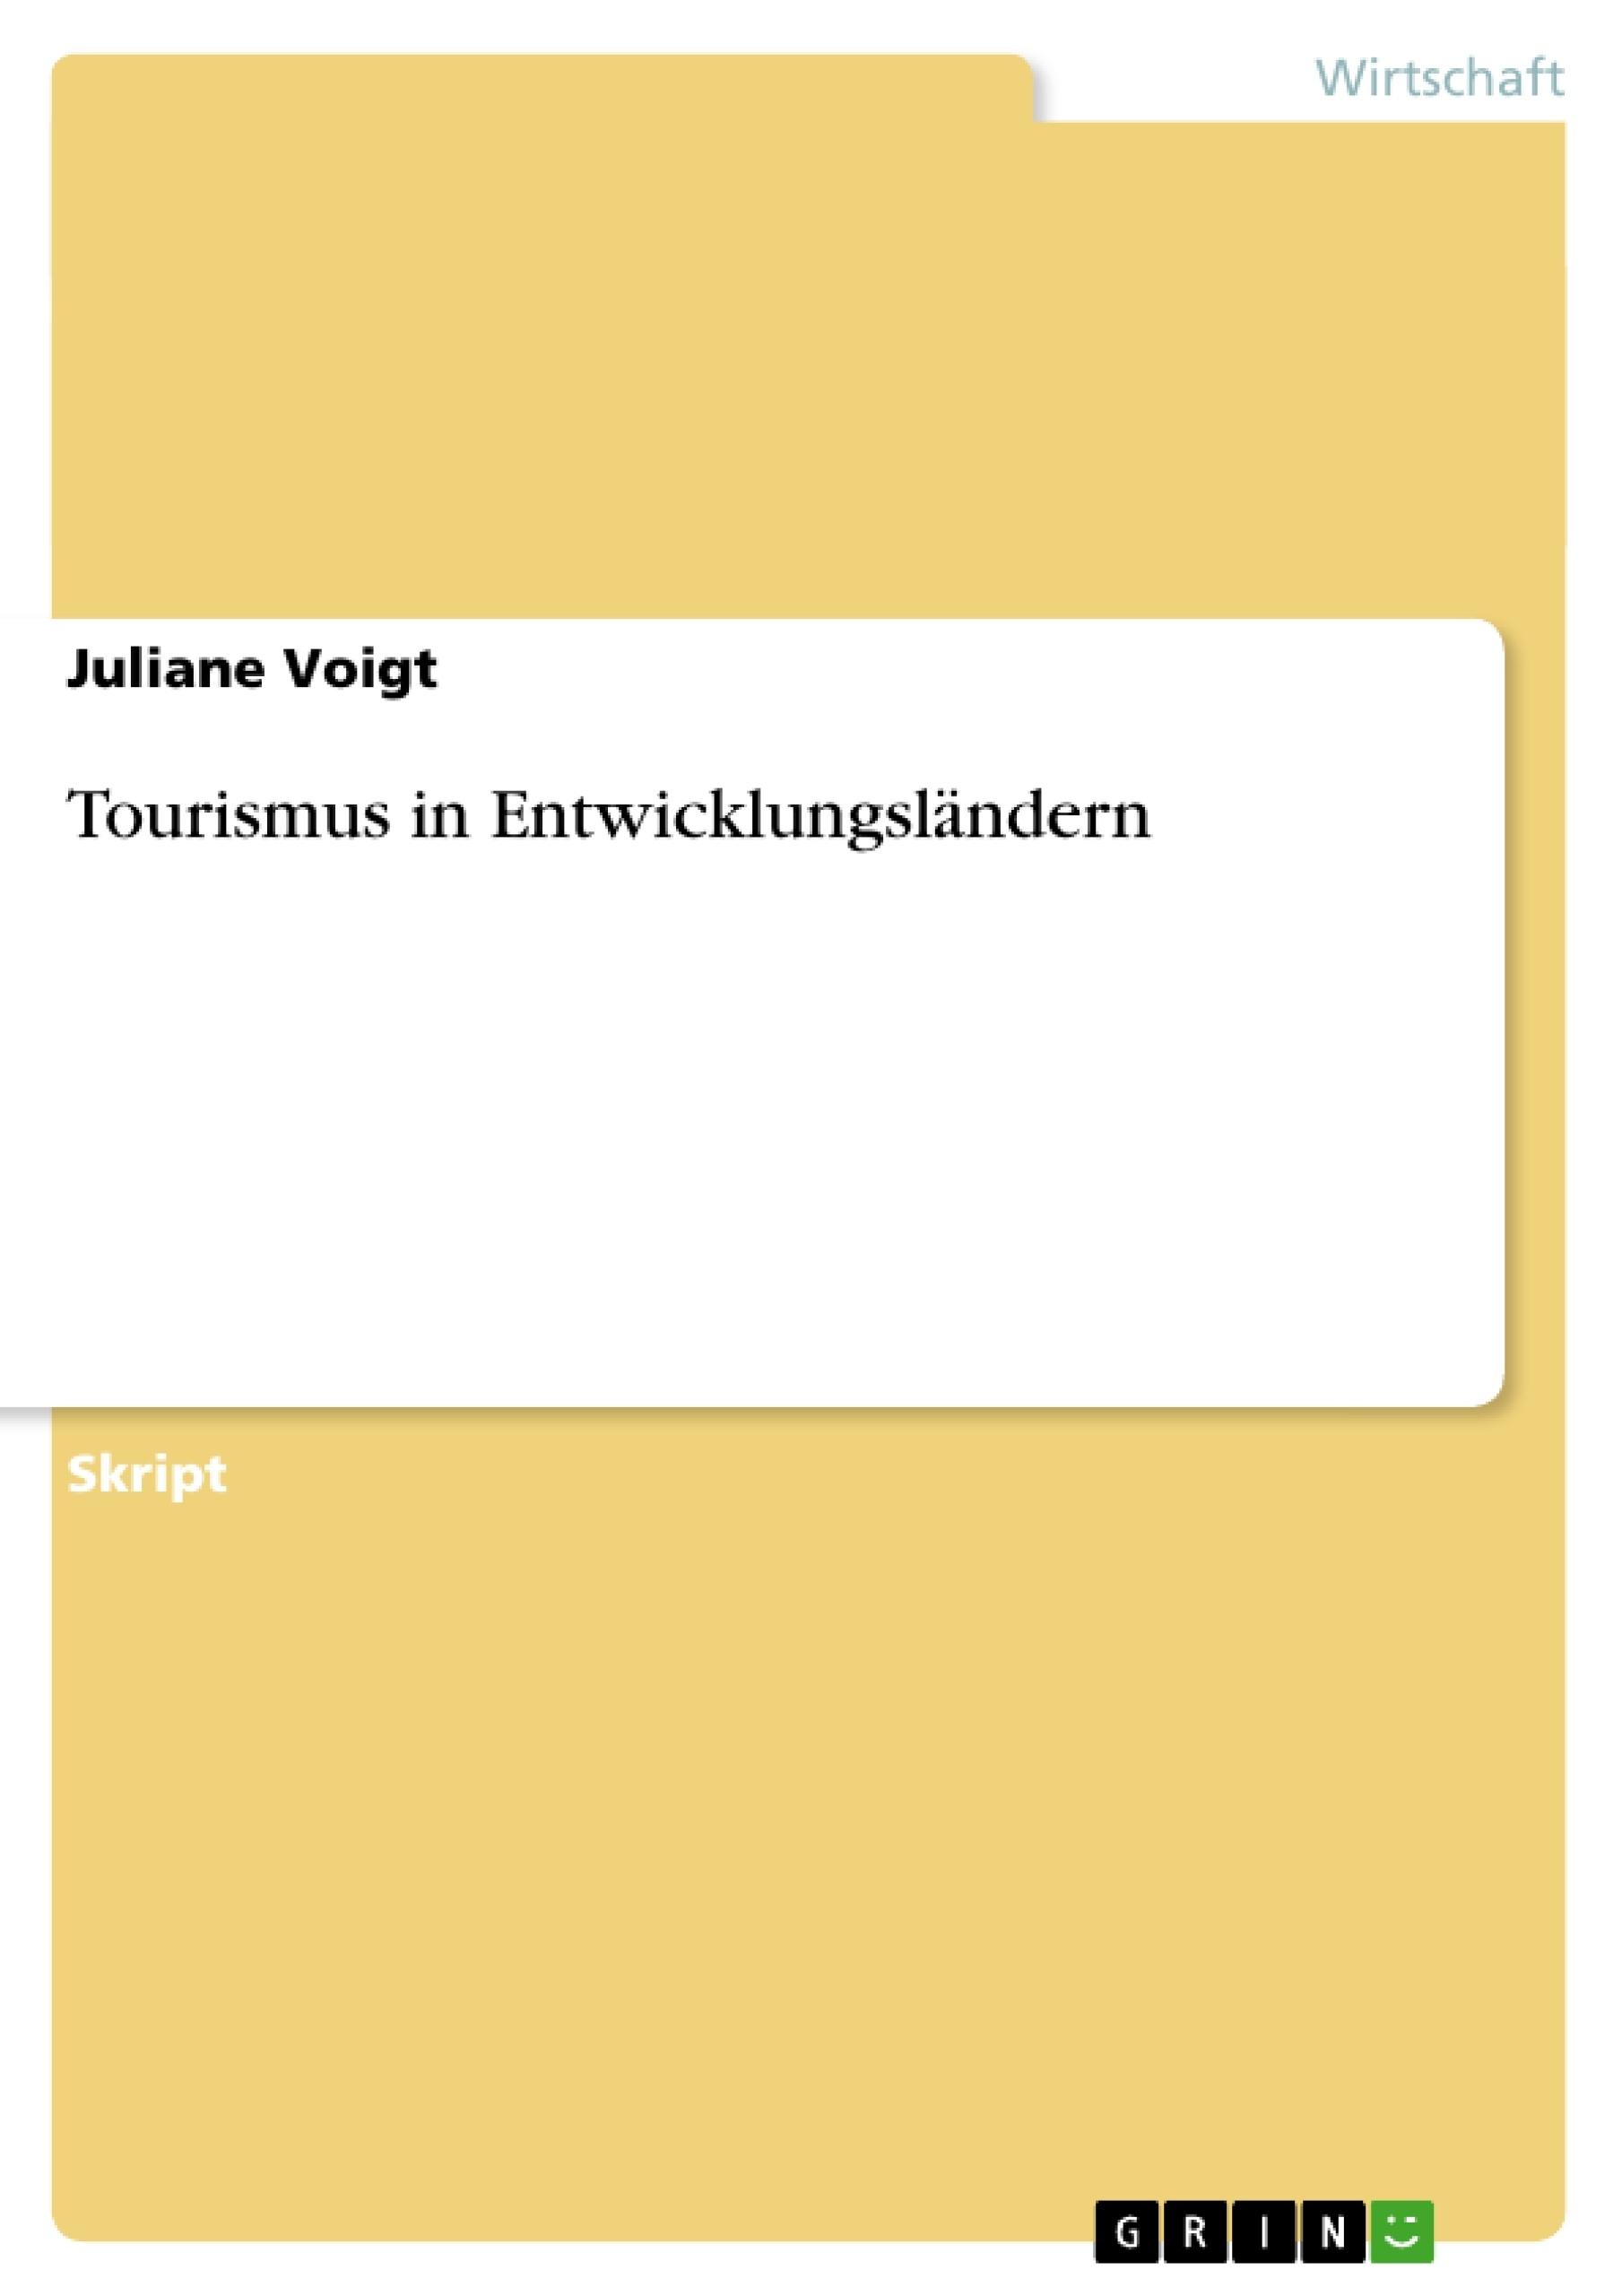 Titel: Tourismus in Entwicklungsländern